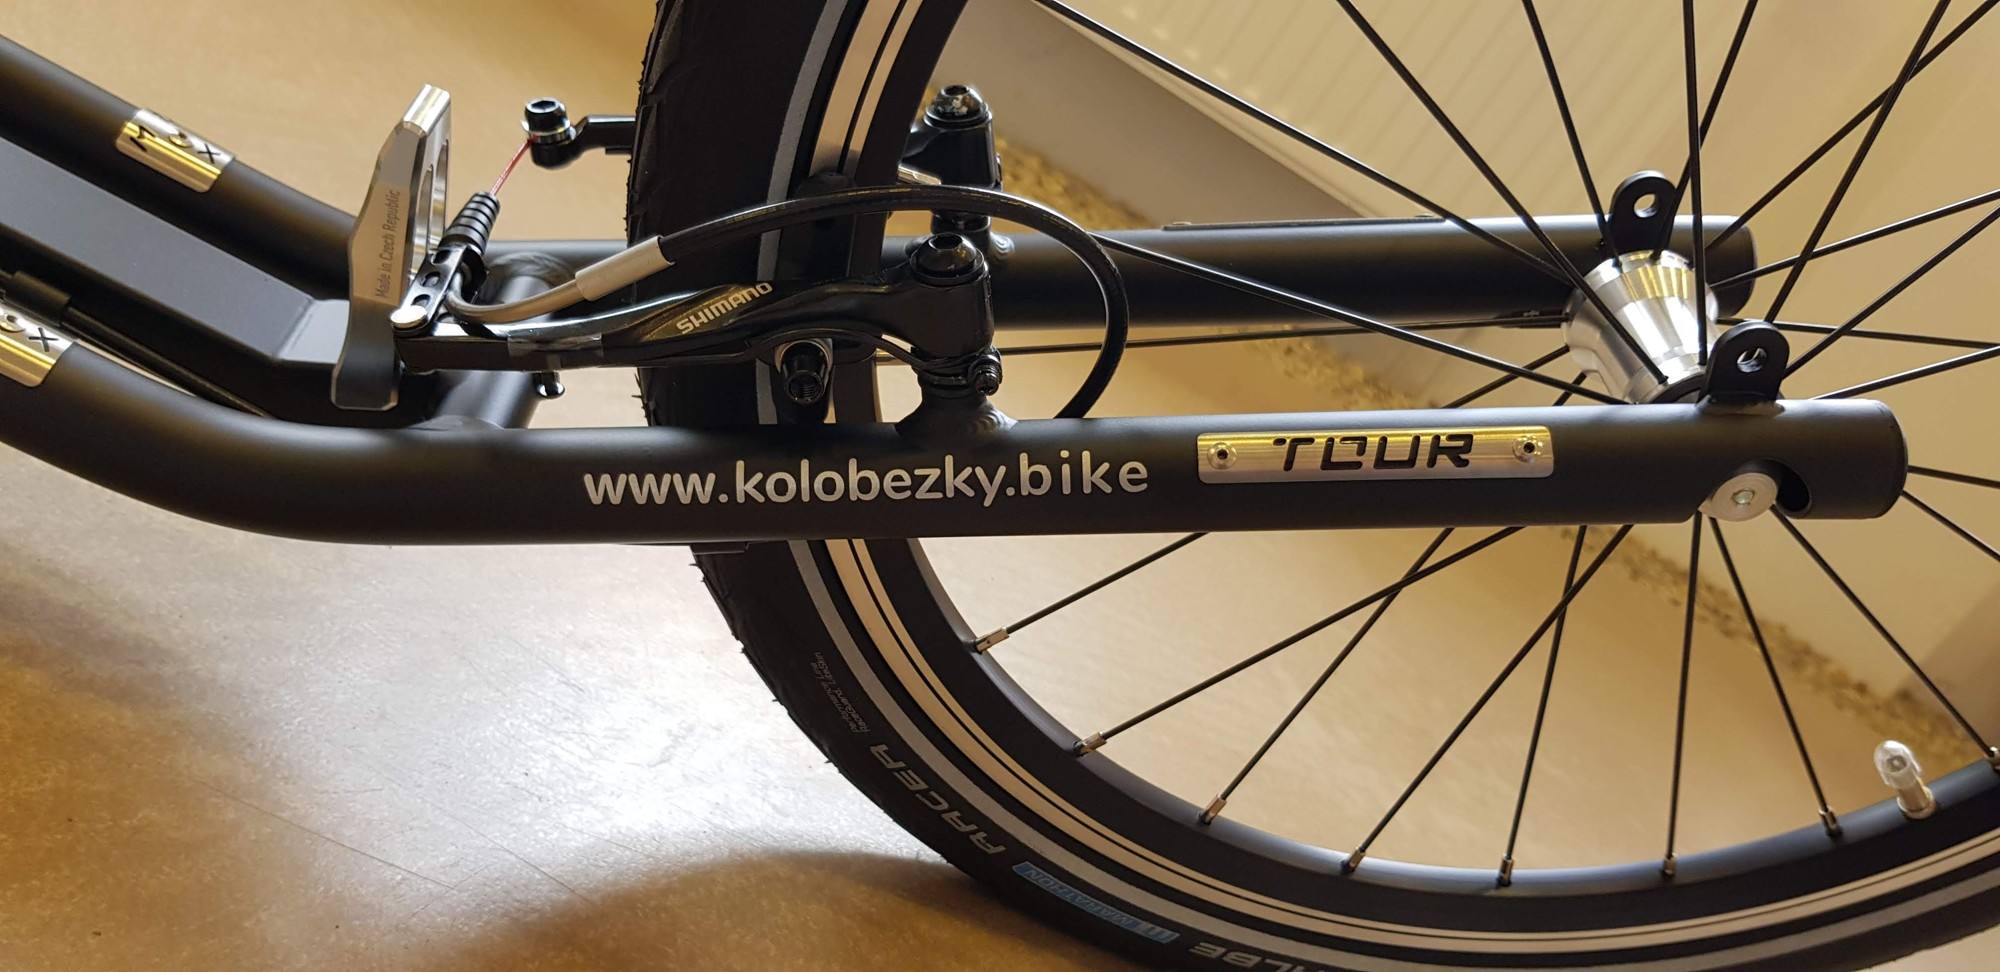 kostka-tour-max-G6-08